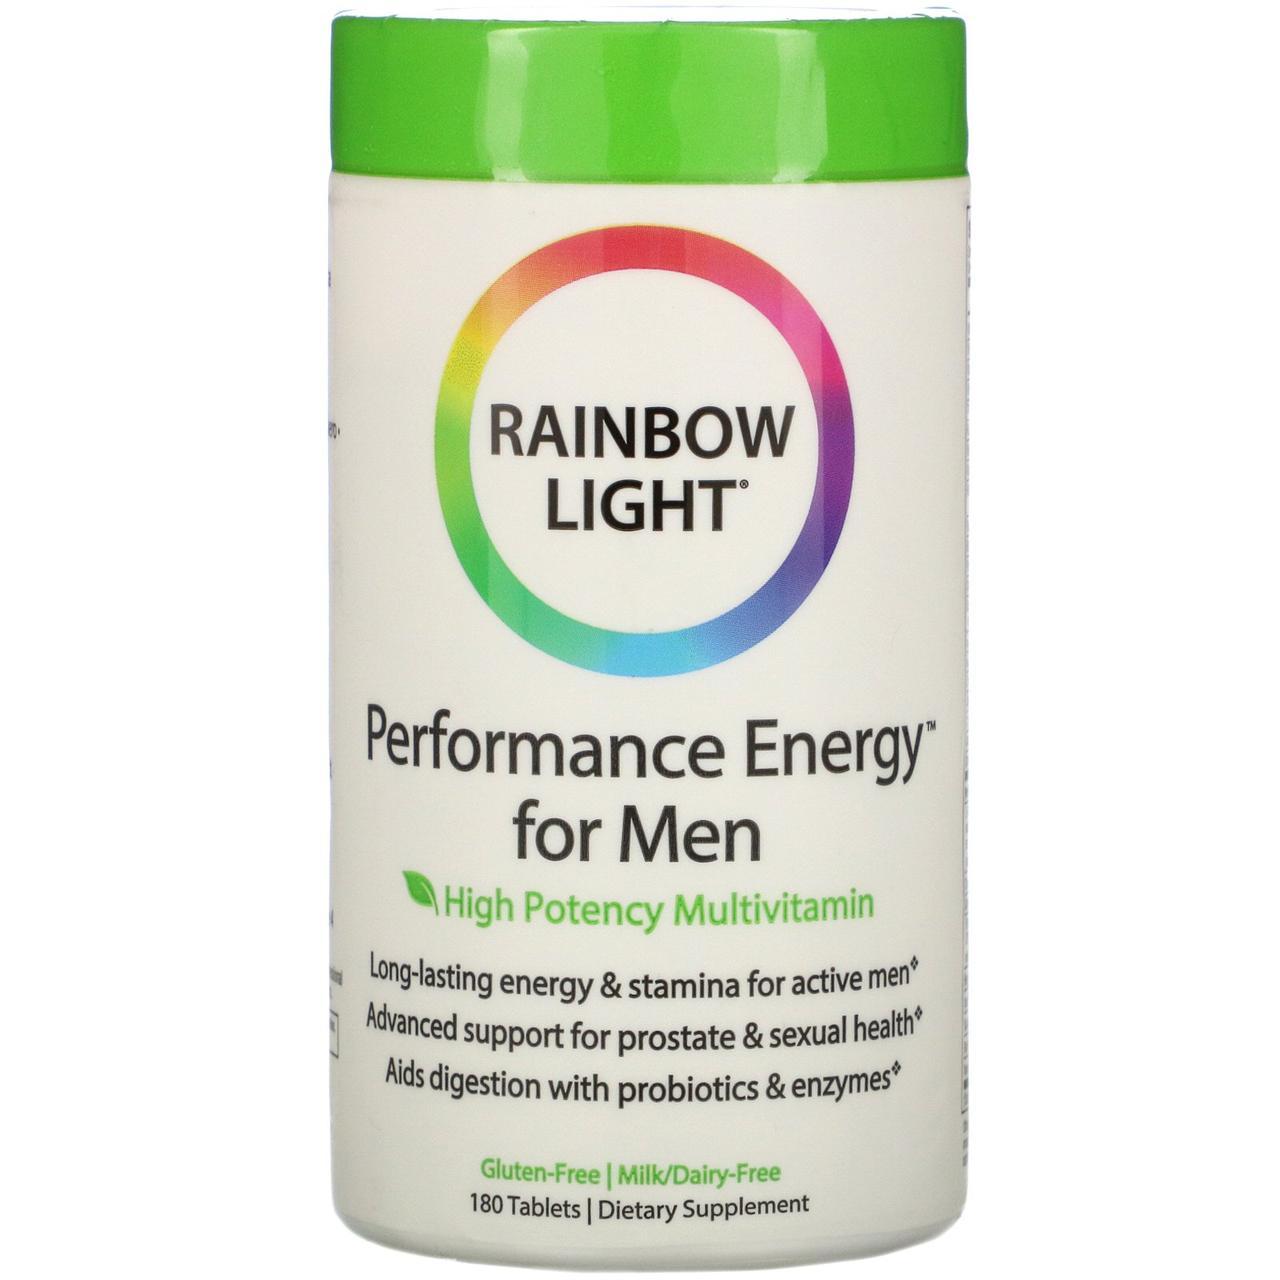 Витамины для мужчин без железа, Rainbow Light, 180 табл